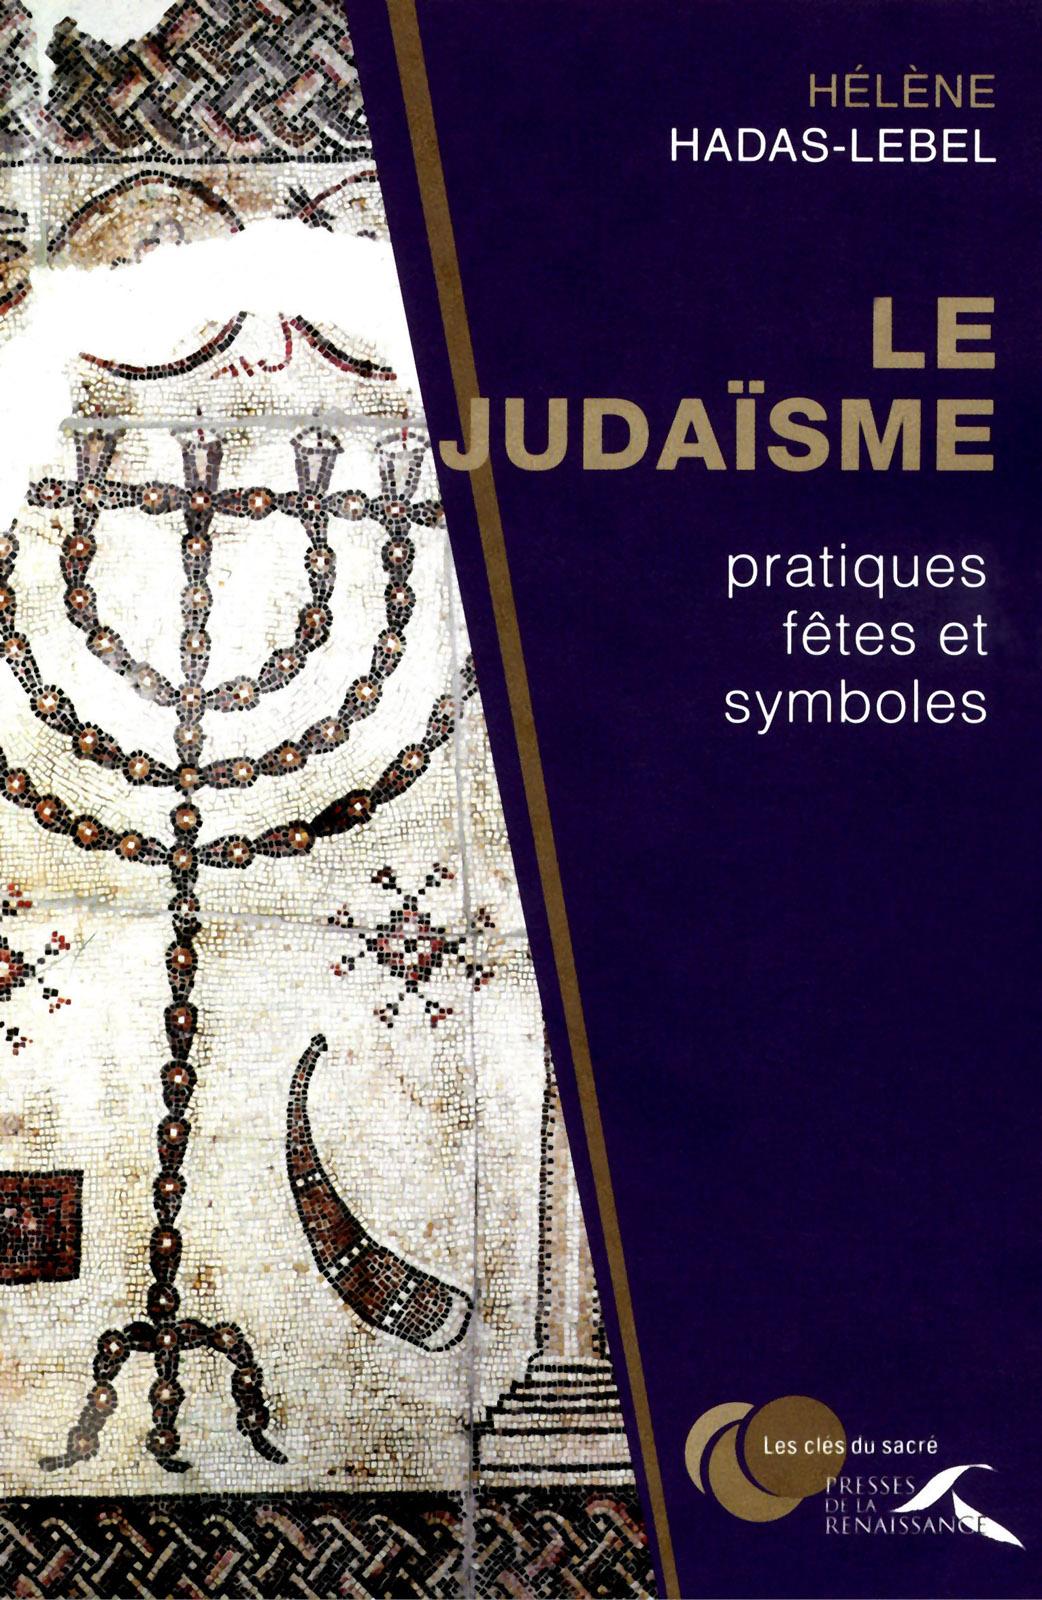 judaïsme : pratiques, fêtes et symboles